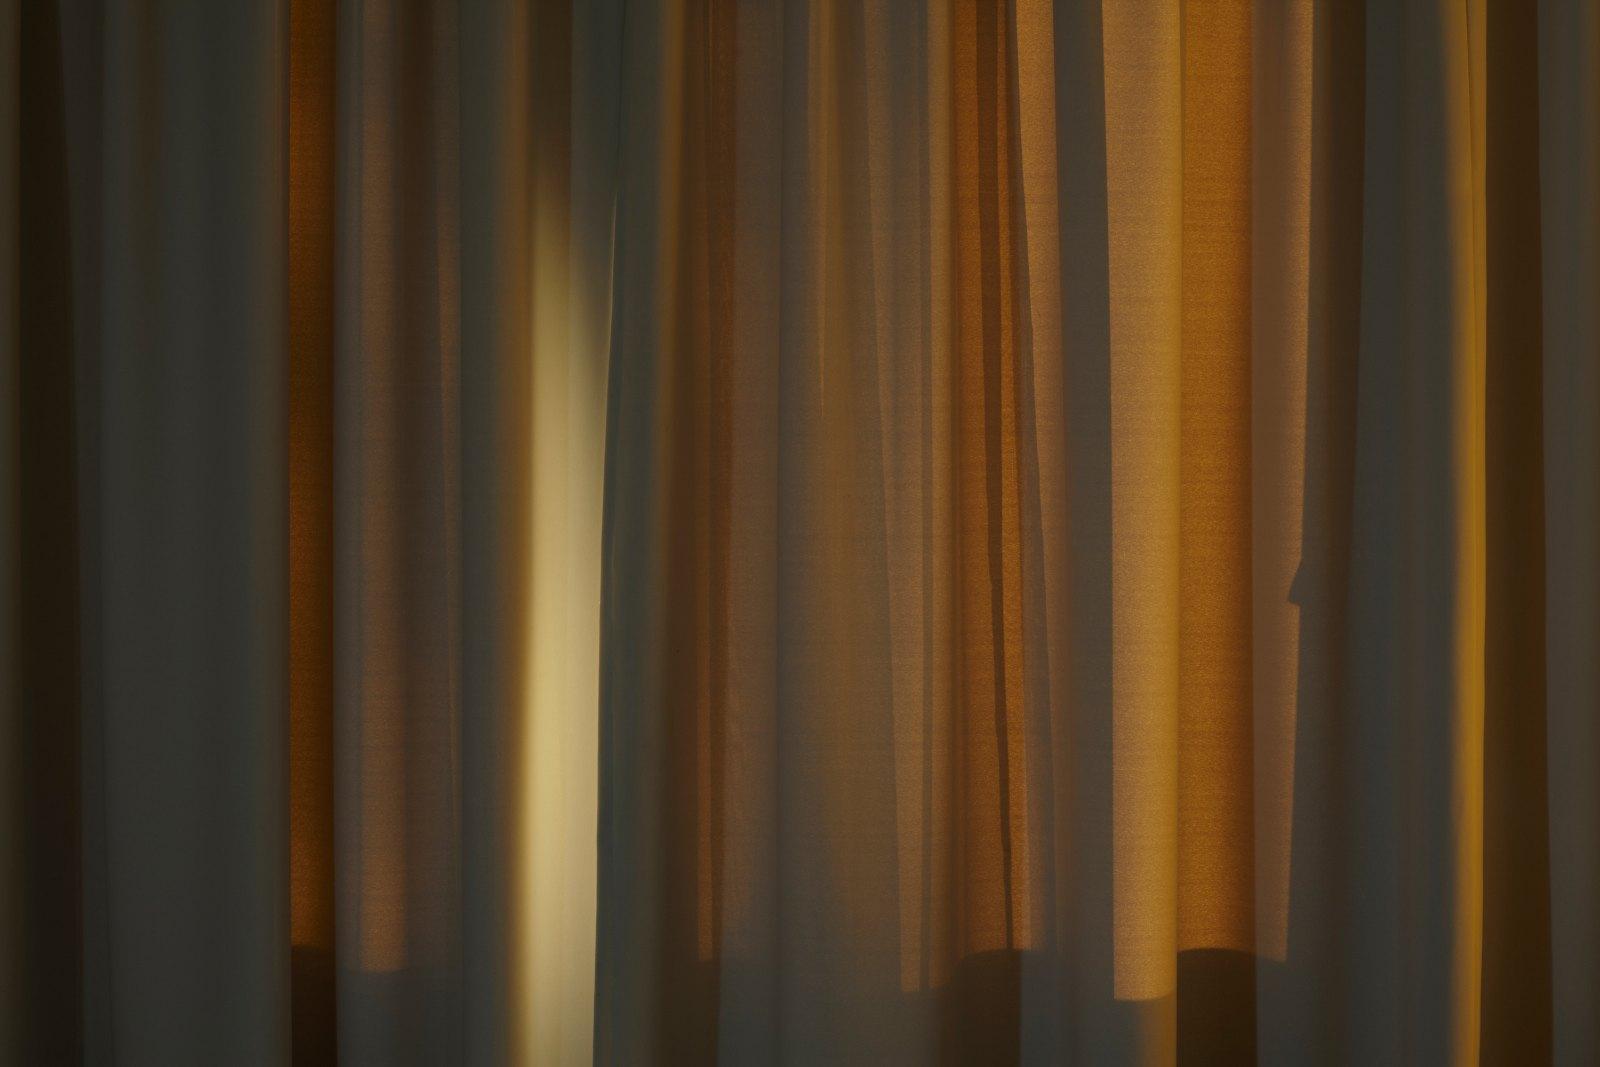 Sun setting on grey curtains, 2010, giclée print, aluminium, 124,4 x 186 cm. Ed. 5